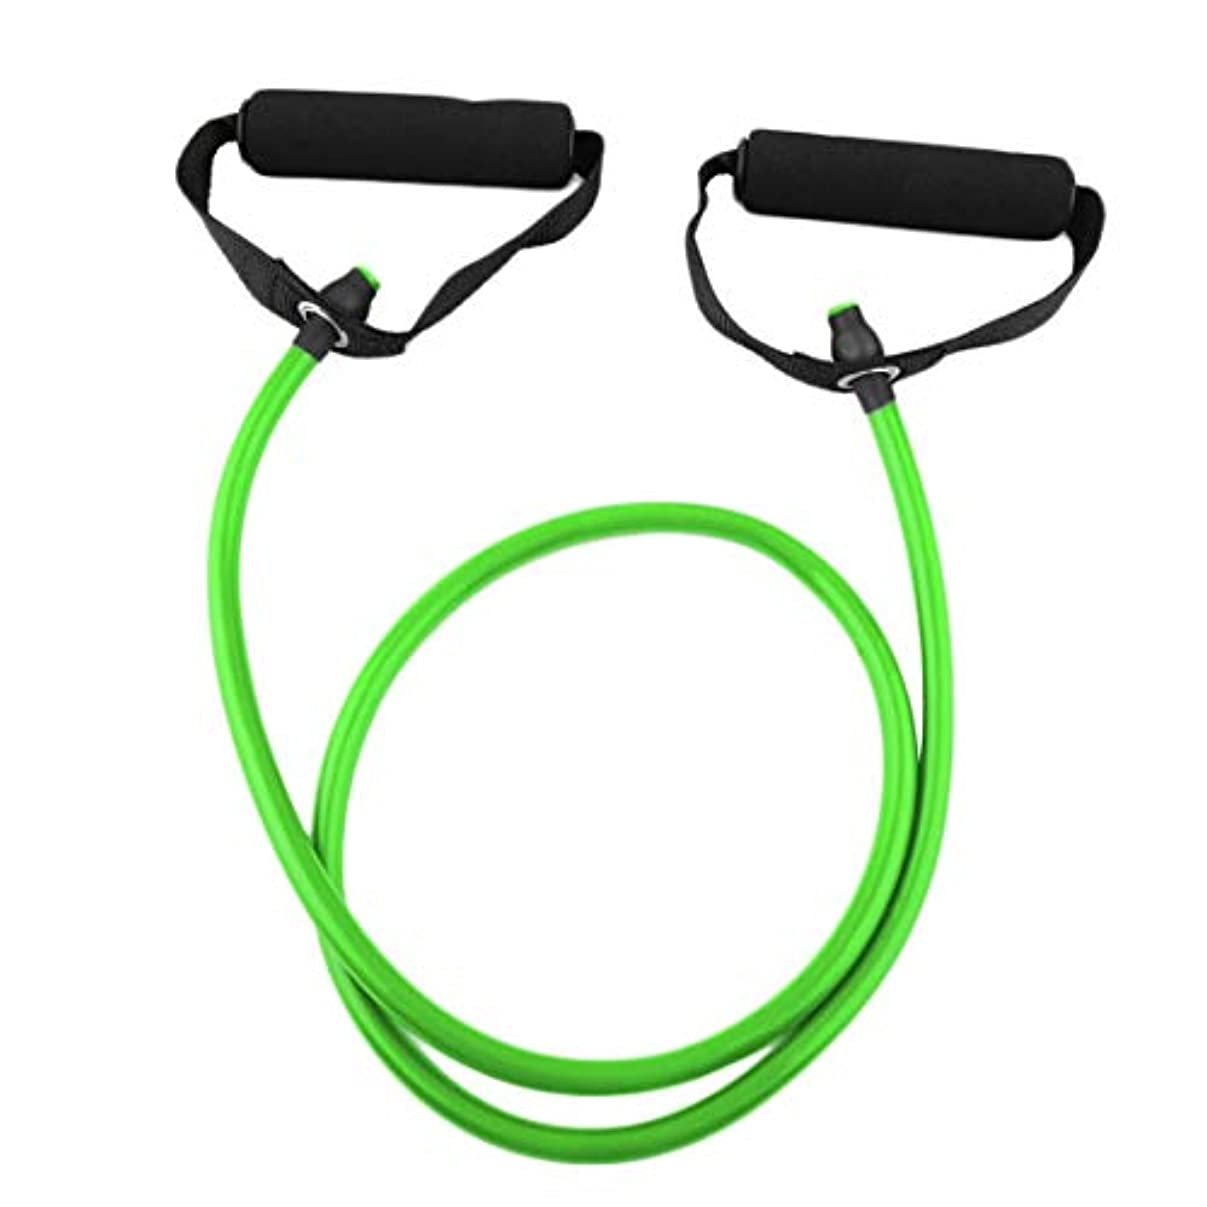 手術参照するヘビーフィットネス抵抗バンドロープチューブエラスティックエクササイズヨガピラティストレーニングホームスポーツプルロープジム運動ツール (PandaWelly)